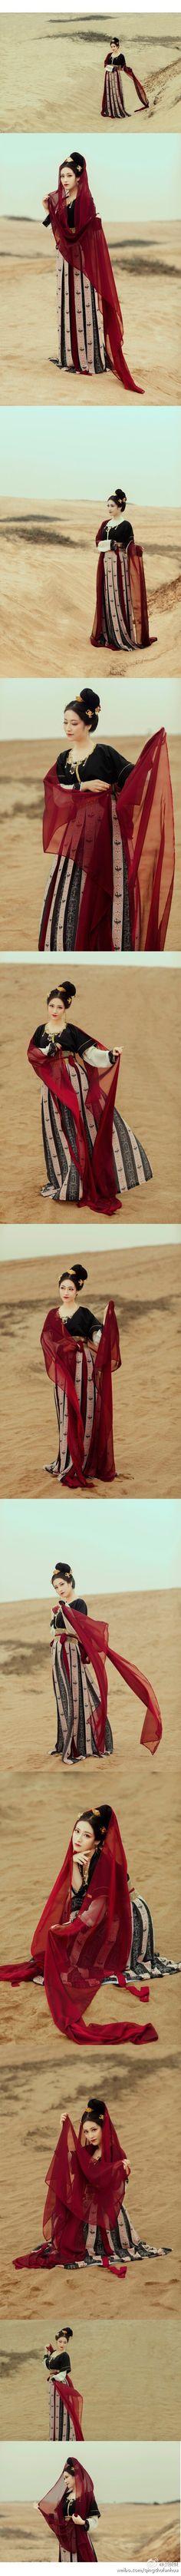 Ancient china fashion clothing 25